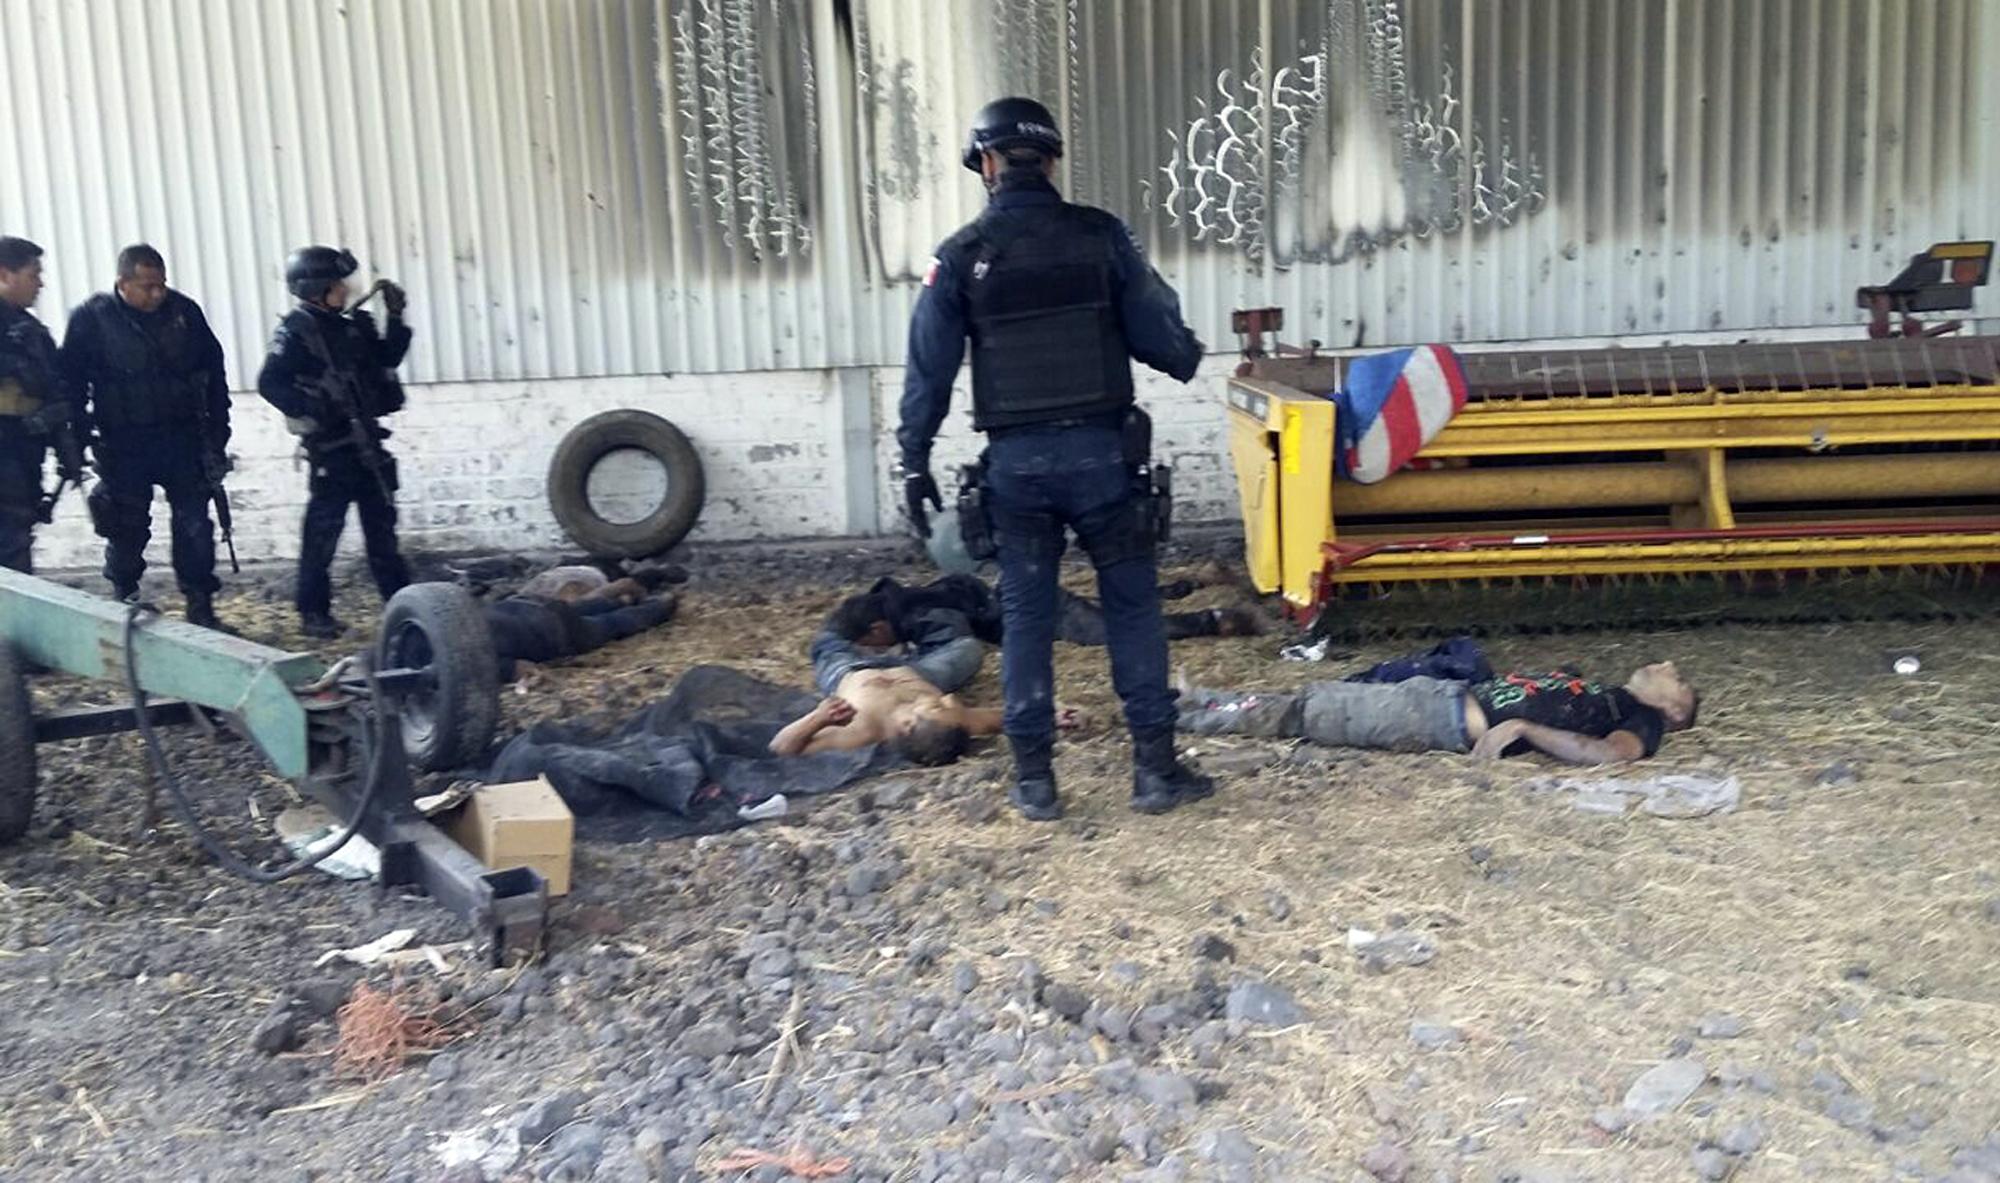 Fierce gunbattle kills 43 in west Mexico cartel territory